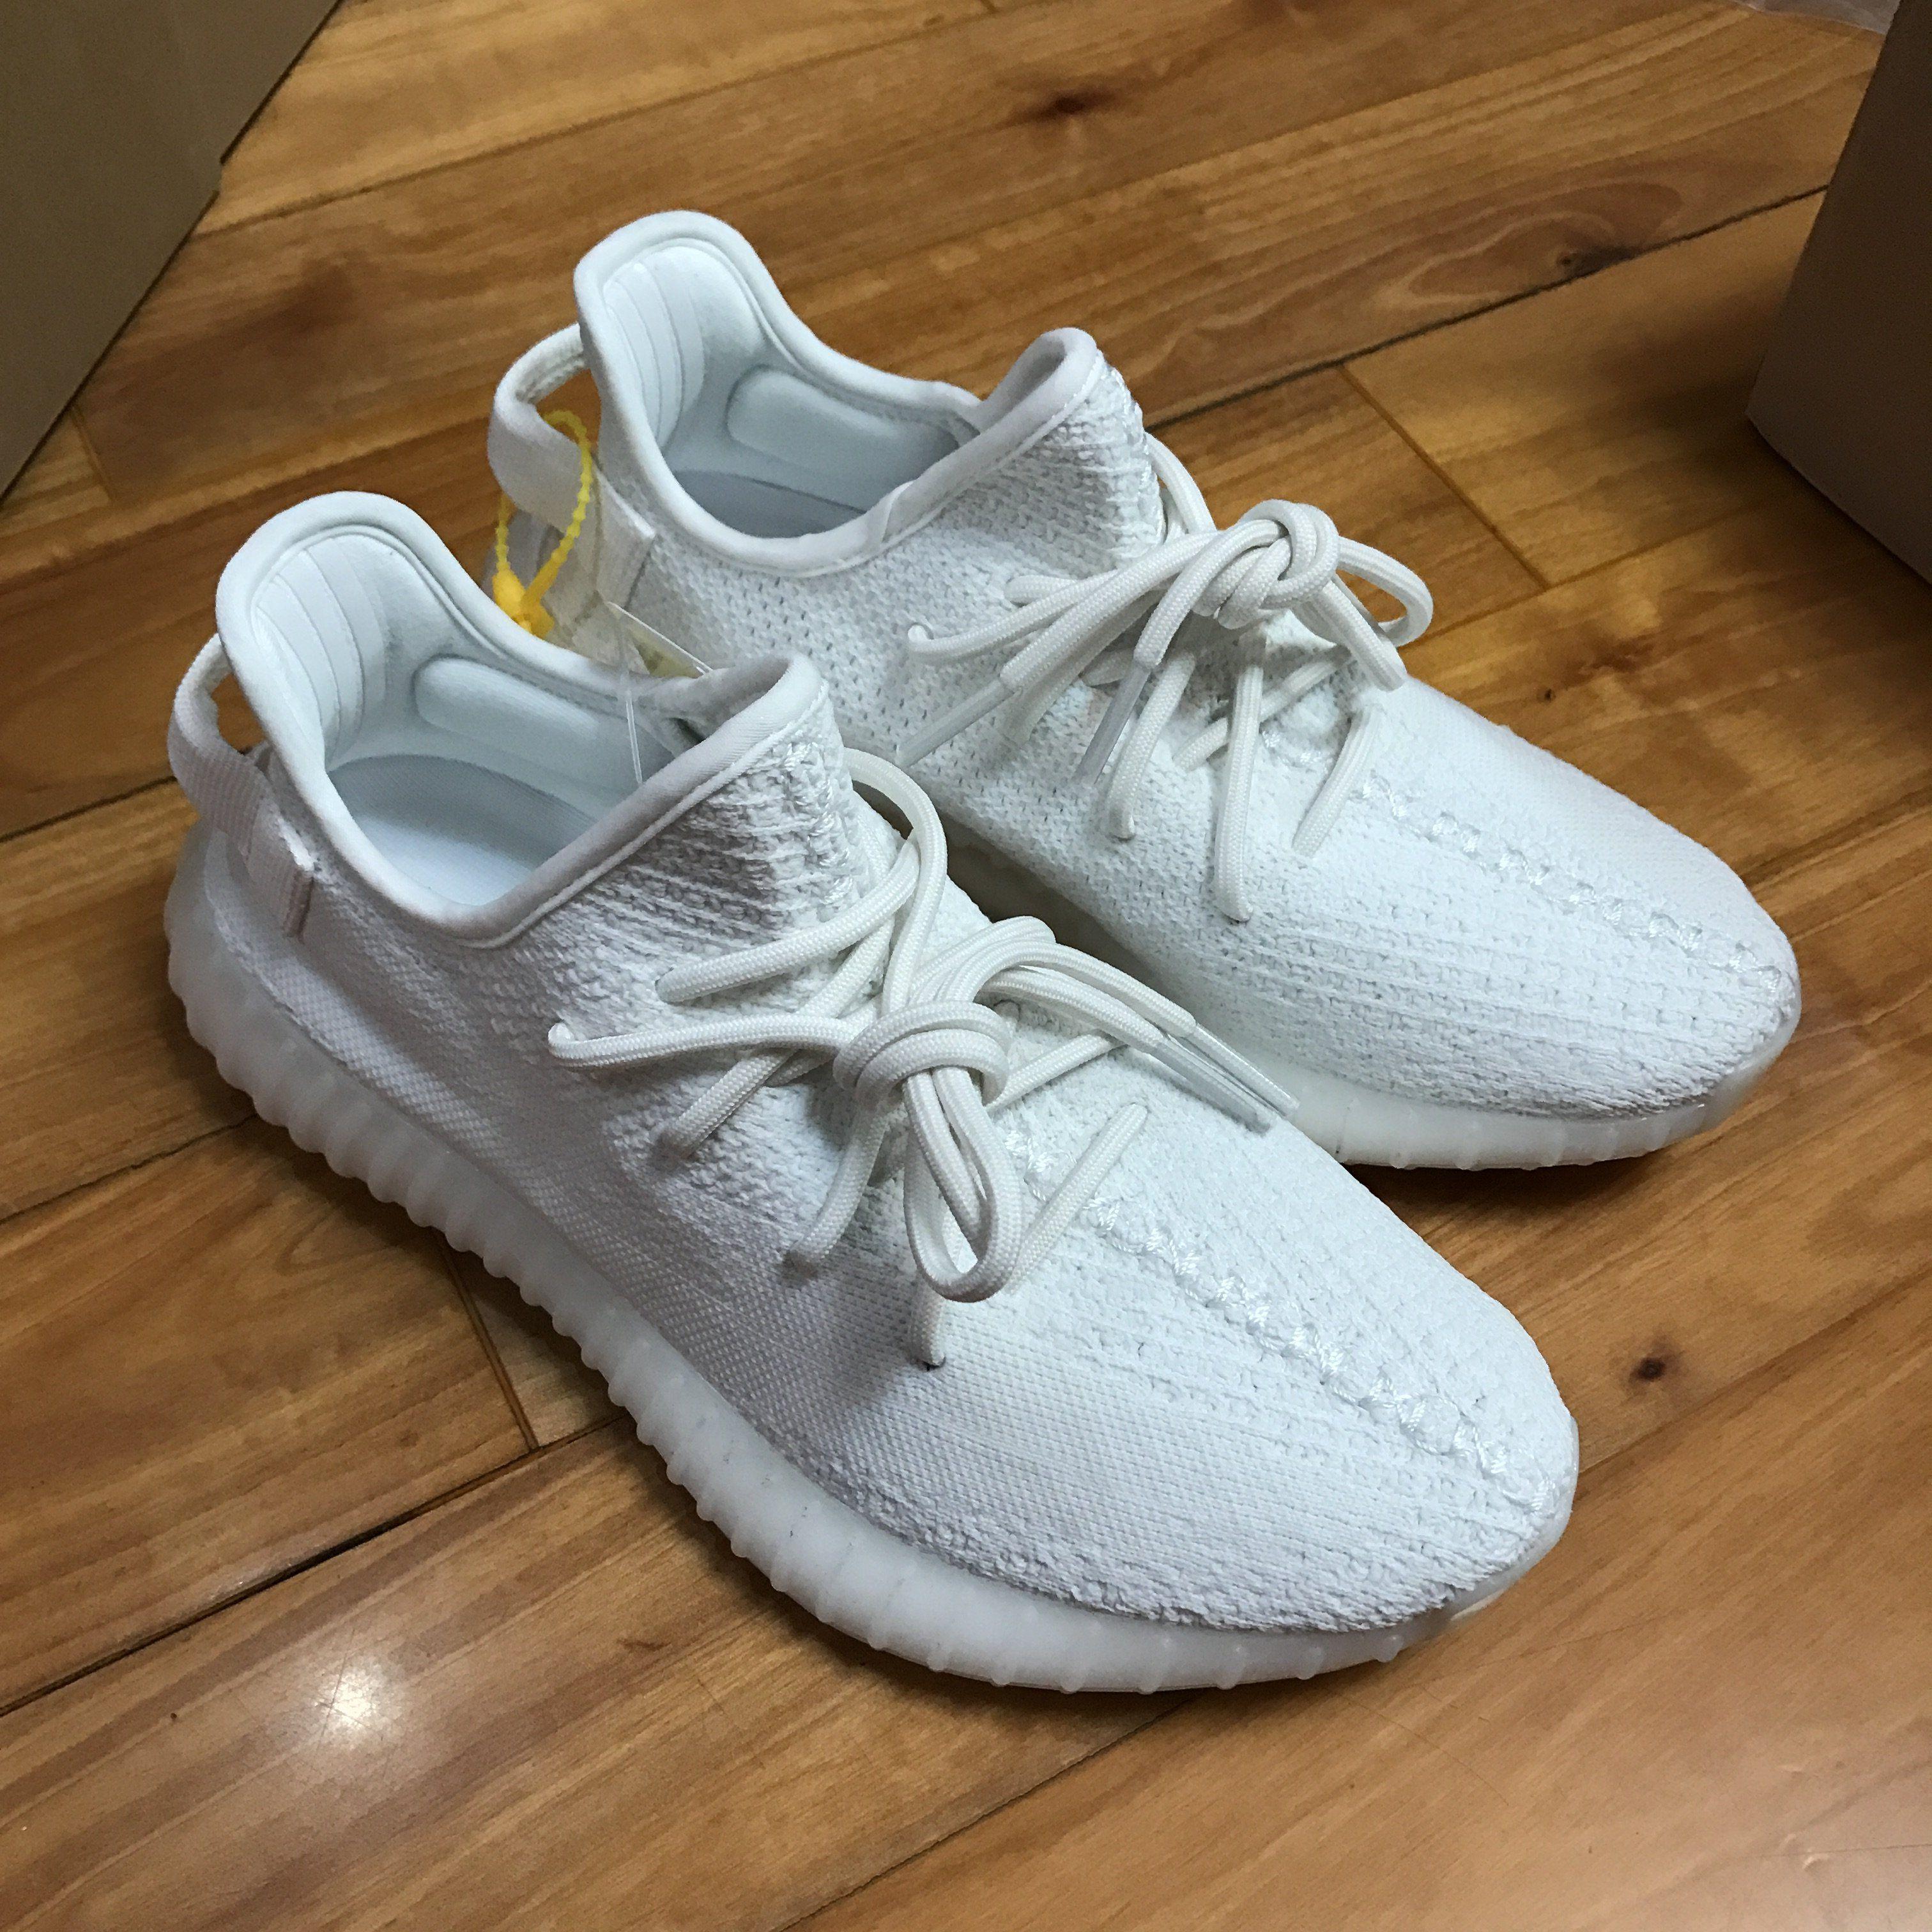 adidas yeezy auftrieb 350 v2 creme weiße cp9366 schuhe pinterest